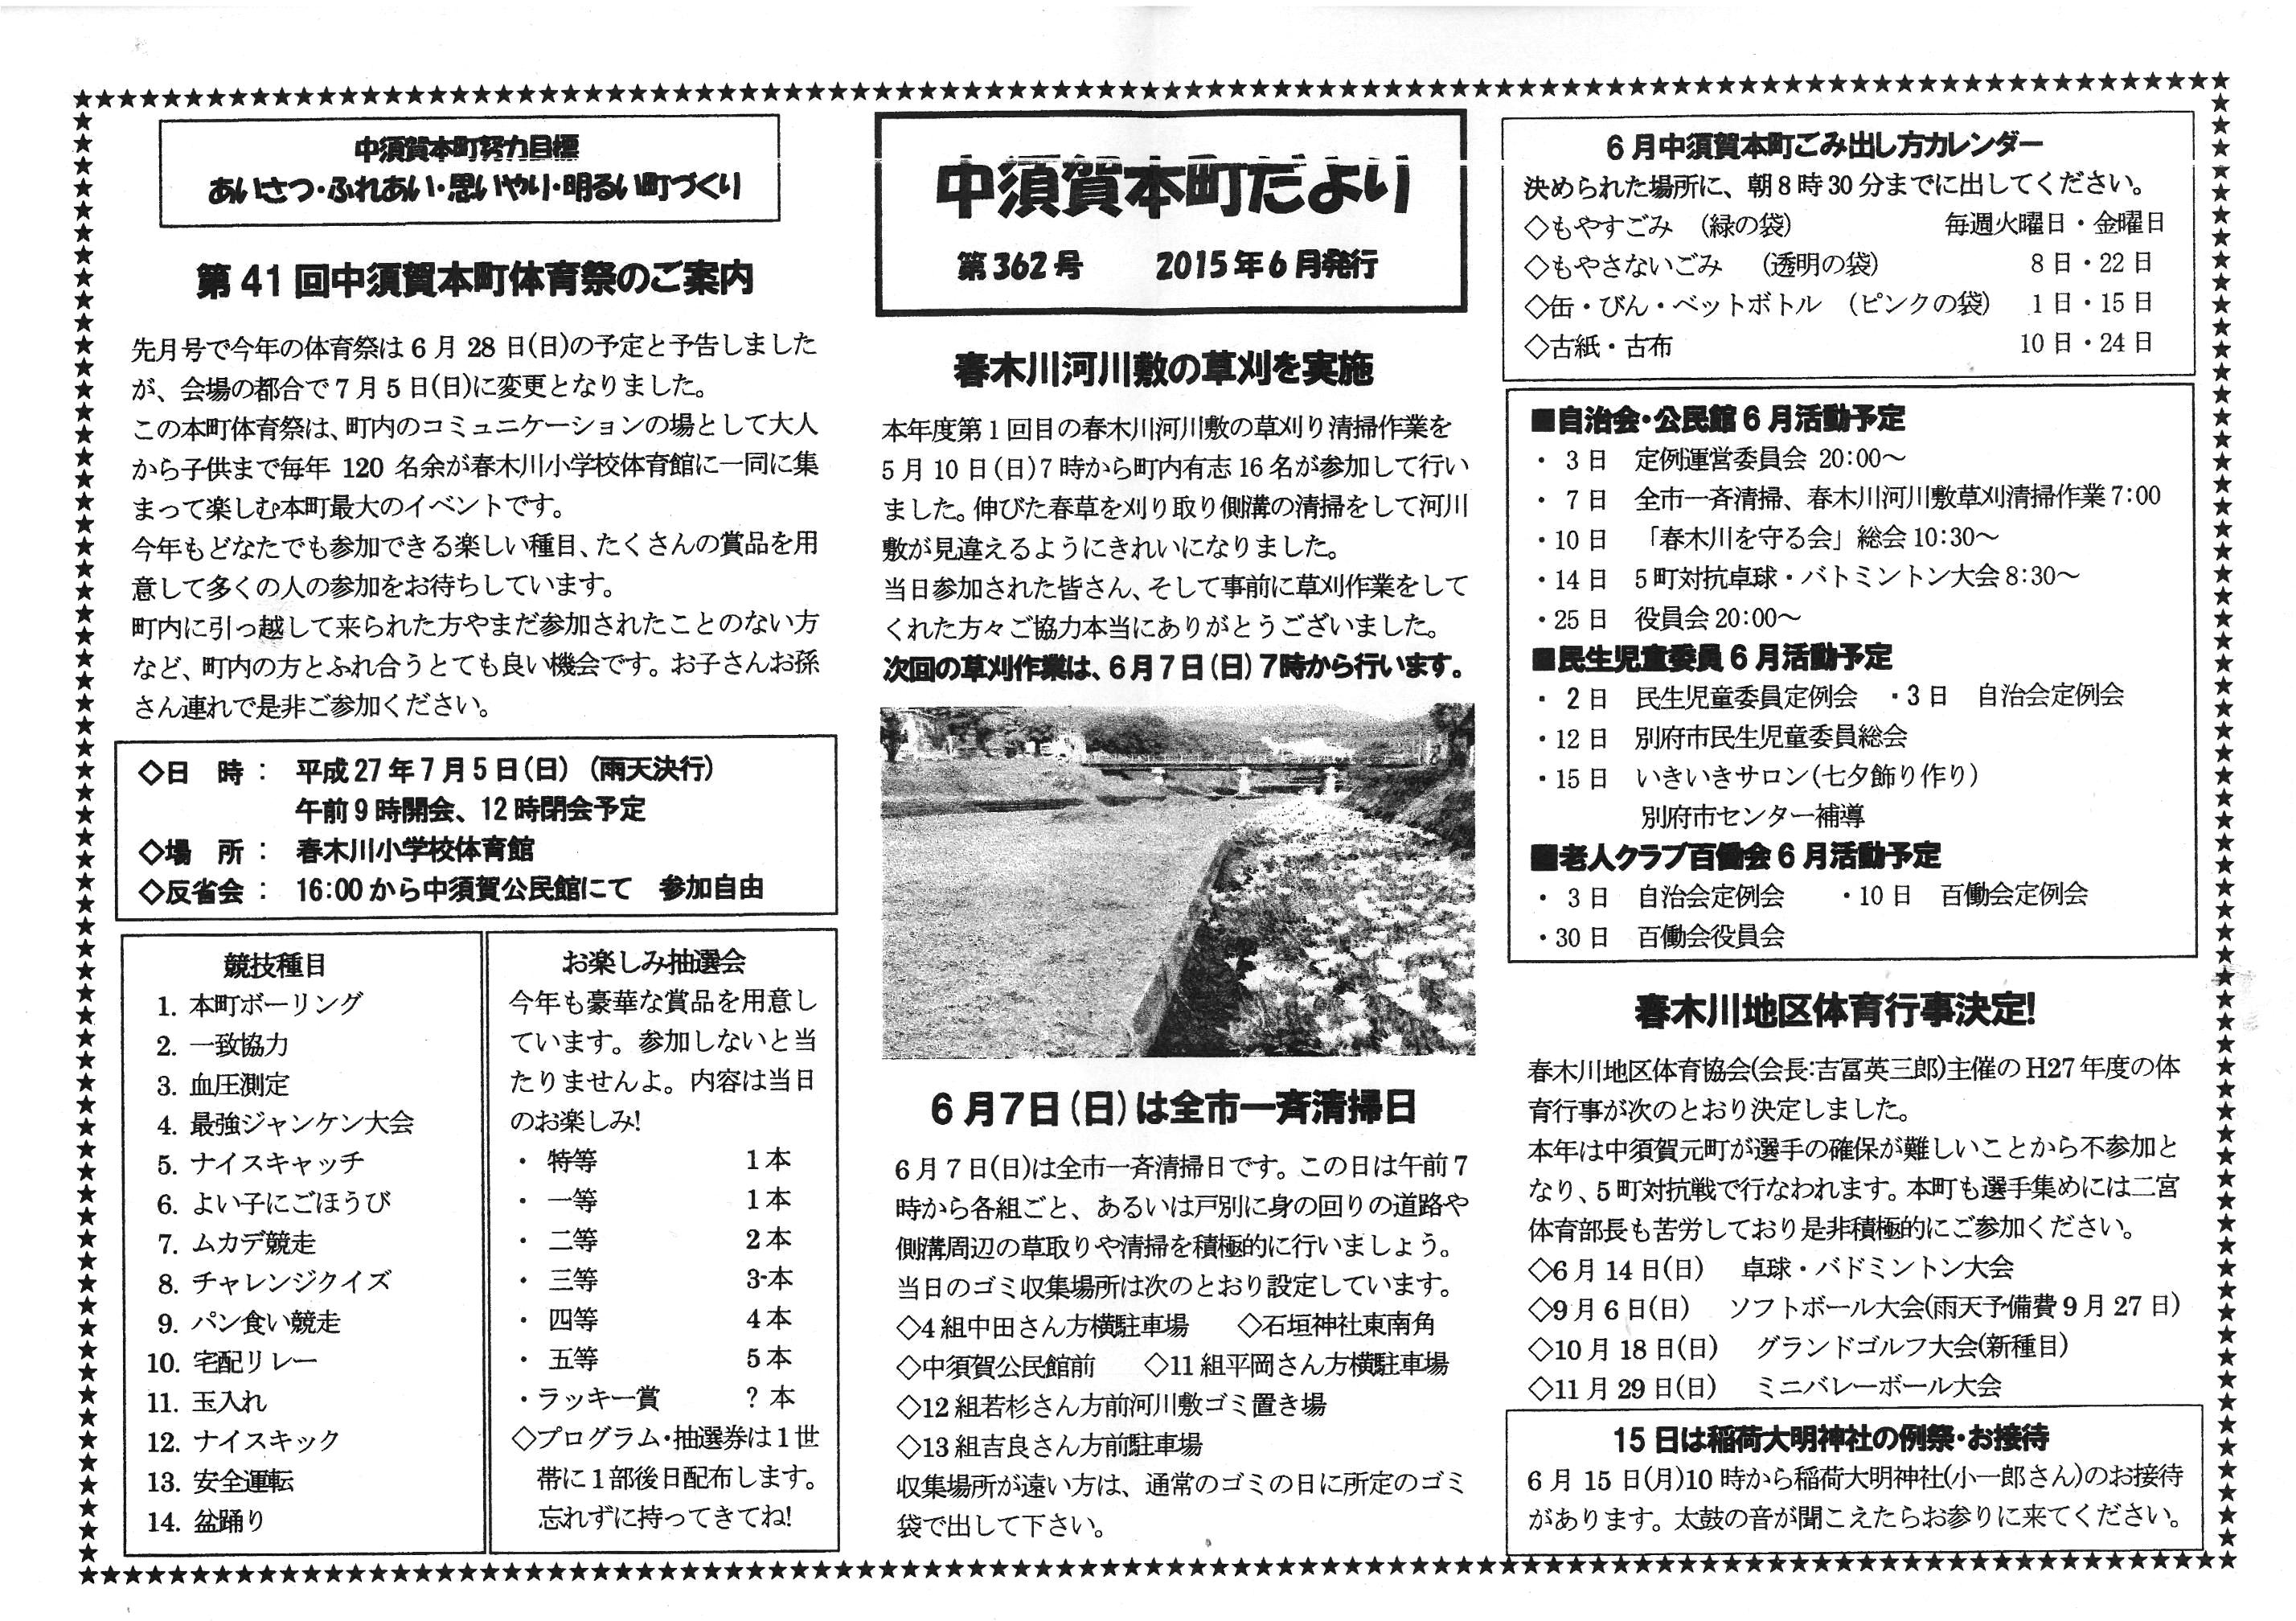 nakasugahonmachi2015_07